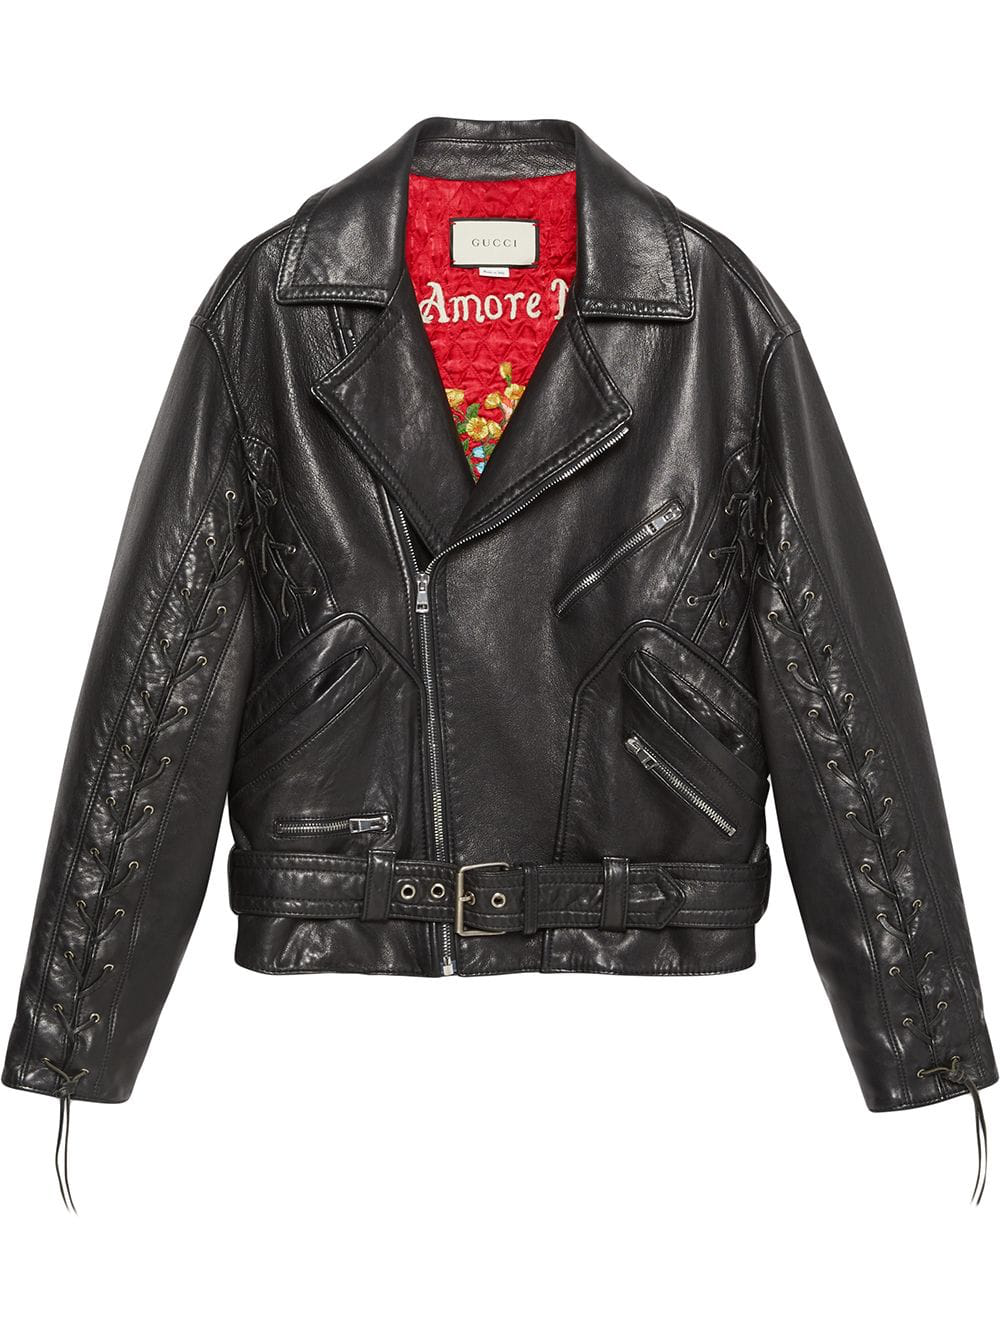 af58c33c4287 Gucci Oversized Hand-Painted Soft-Leather Biker Jacket In Black ...